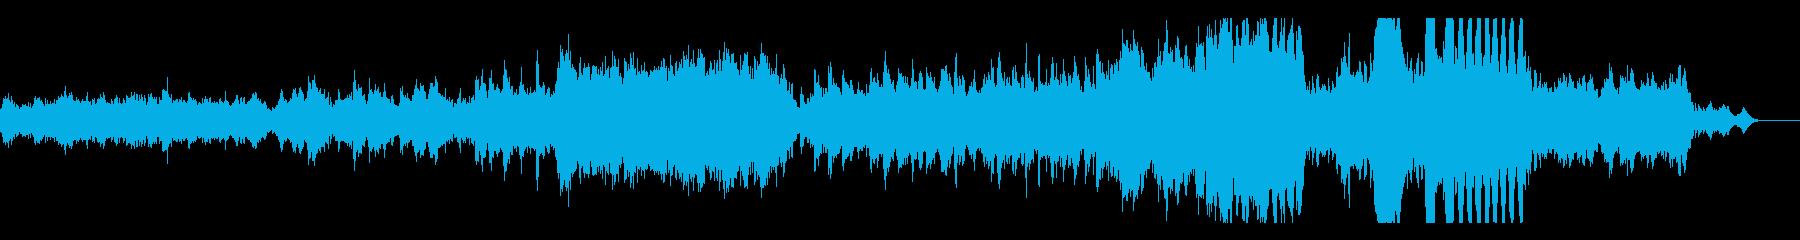 有名なクラシックのバレエ曲 白鳥の湖の再生済みの波形